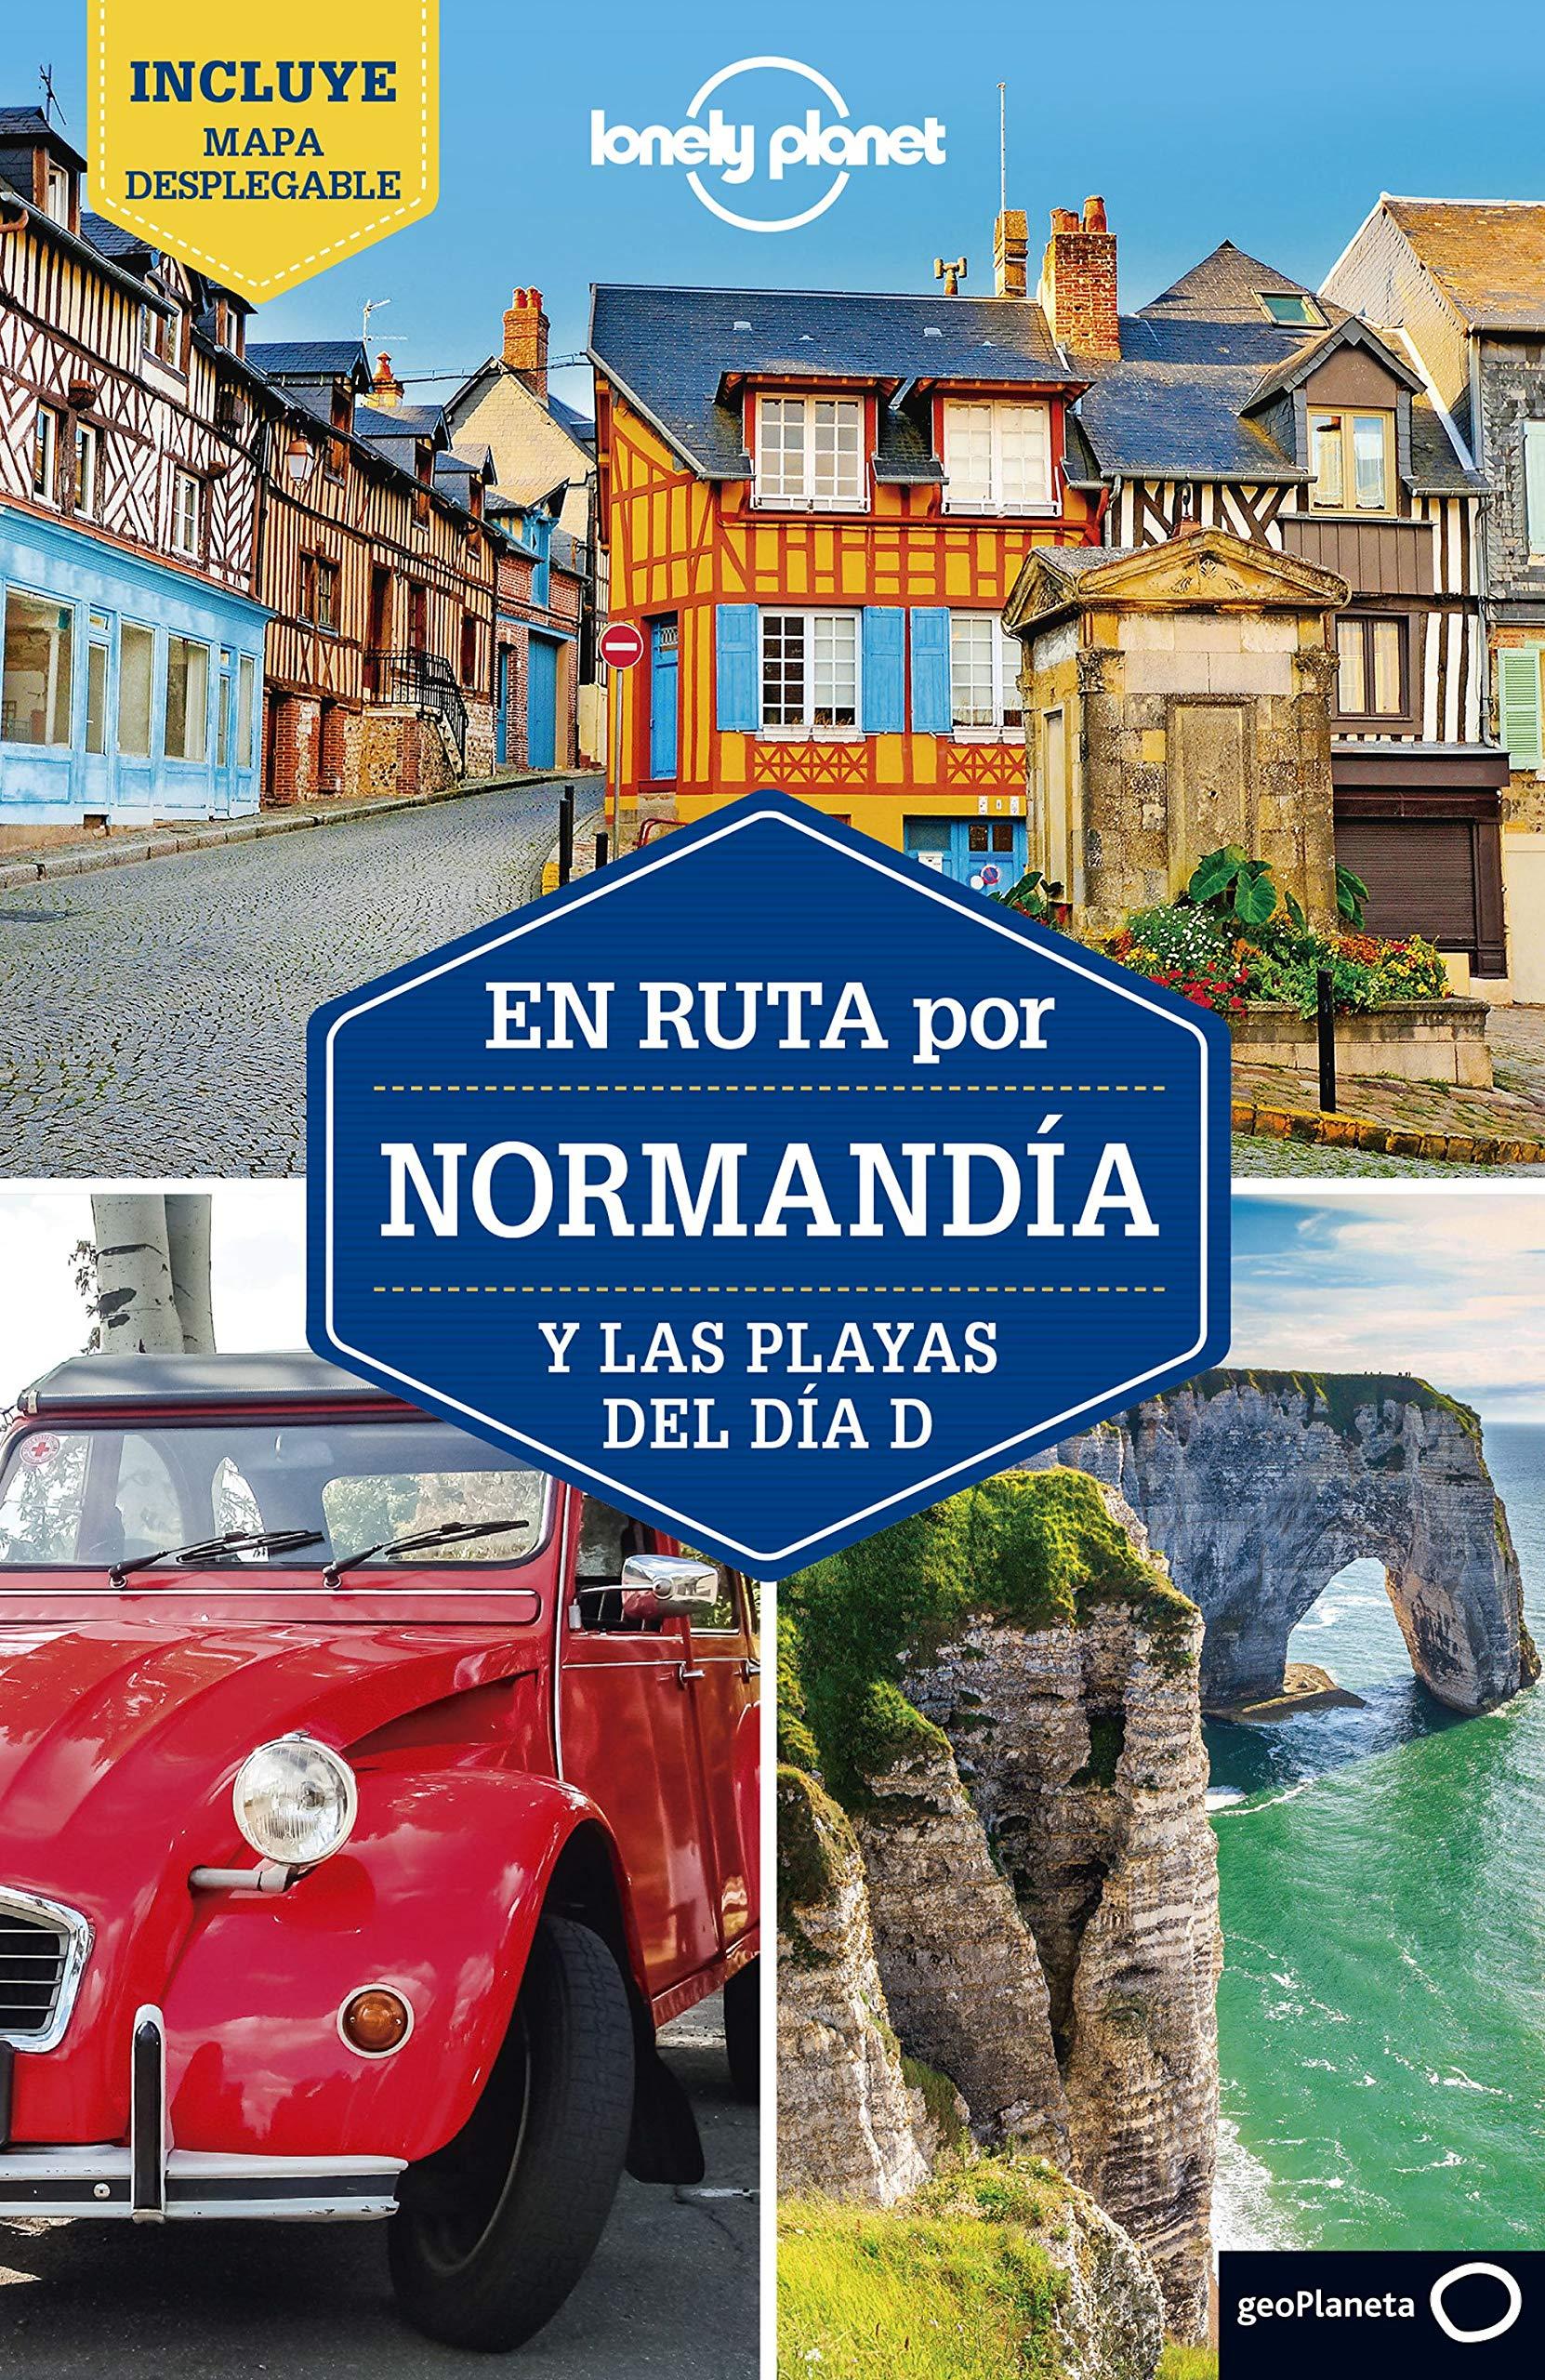 En ruta por Normandía y las playas del día D 2 Guías En ruta ...